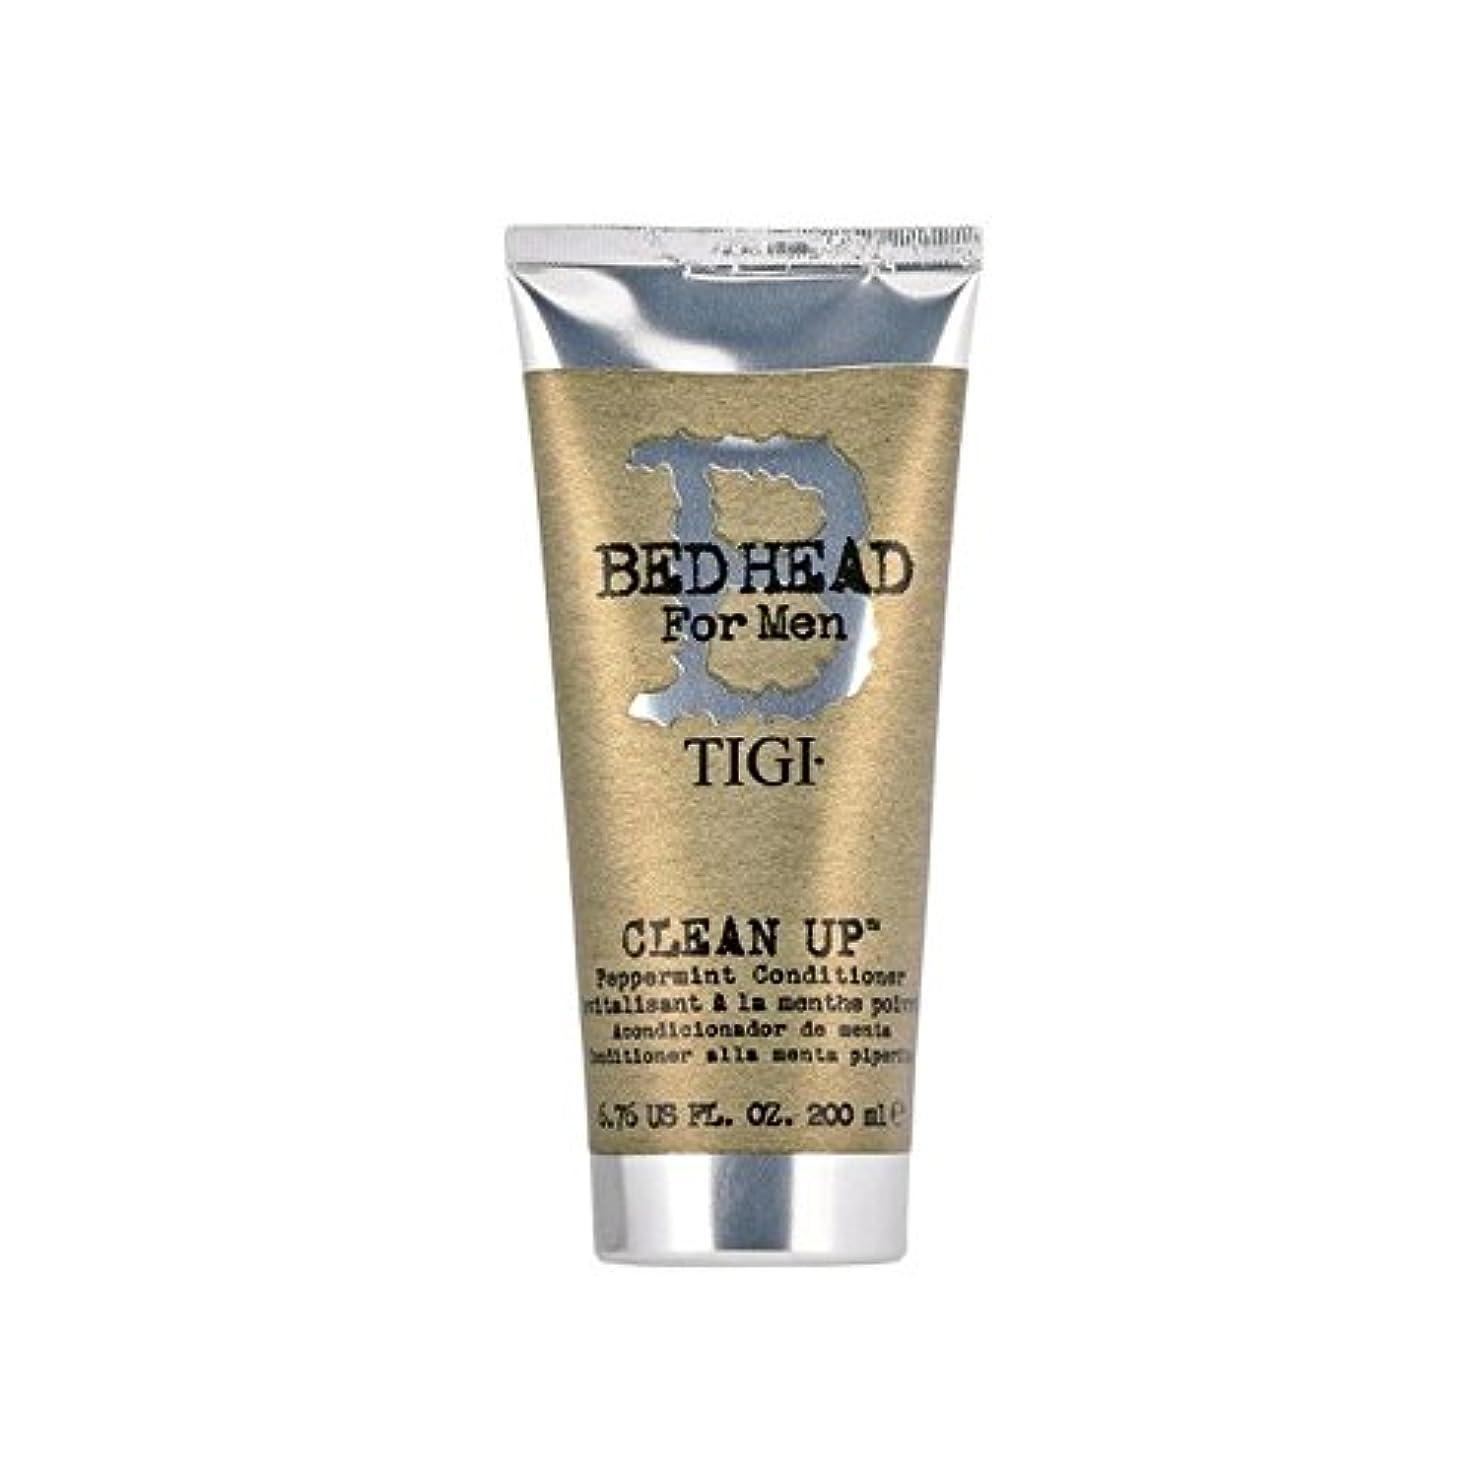 ビュッフェ上に姿勢Tigi Bed Head For Men Clean Up Peppermint Conditioner (200ml) (Pack of 6) - ペパーミントコンディショナーをクリーンアップする男性のためのティジーベッドヘッド...